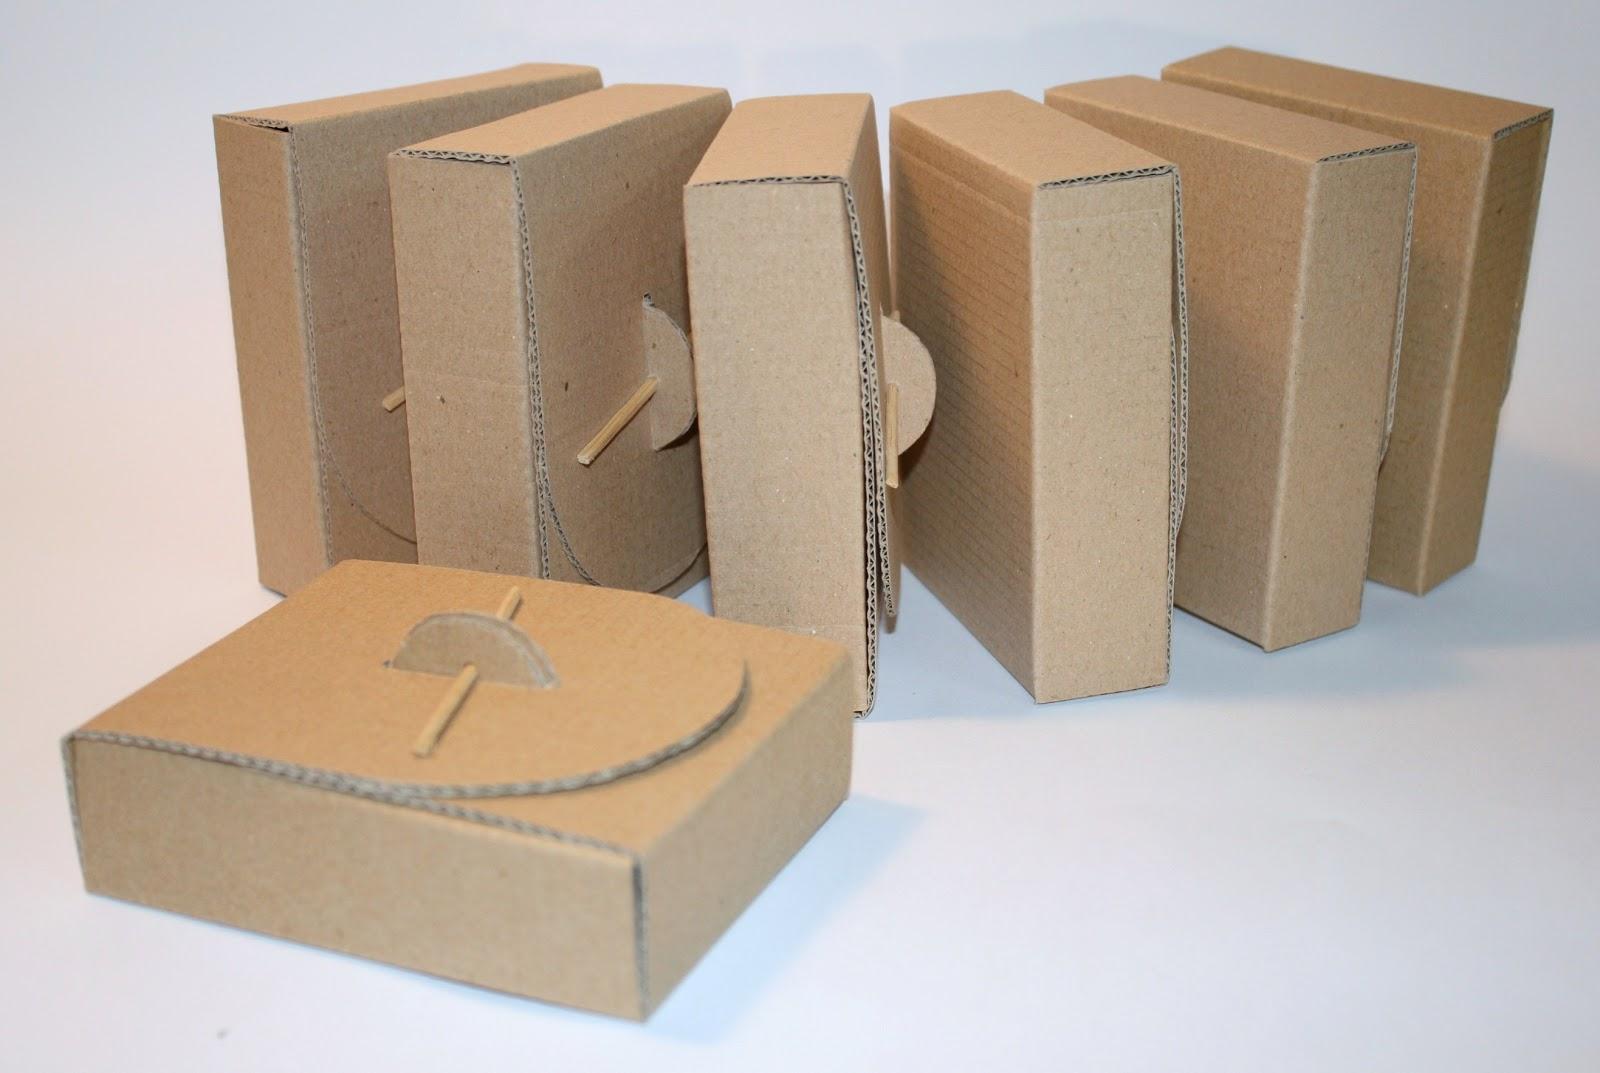 Cajitas De Carton Reciclado on Craft Packaging